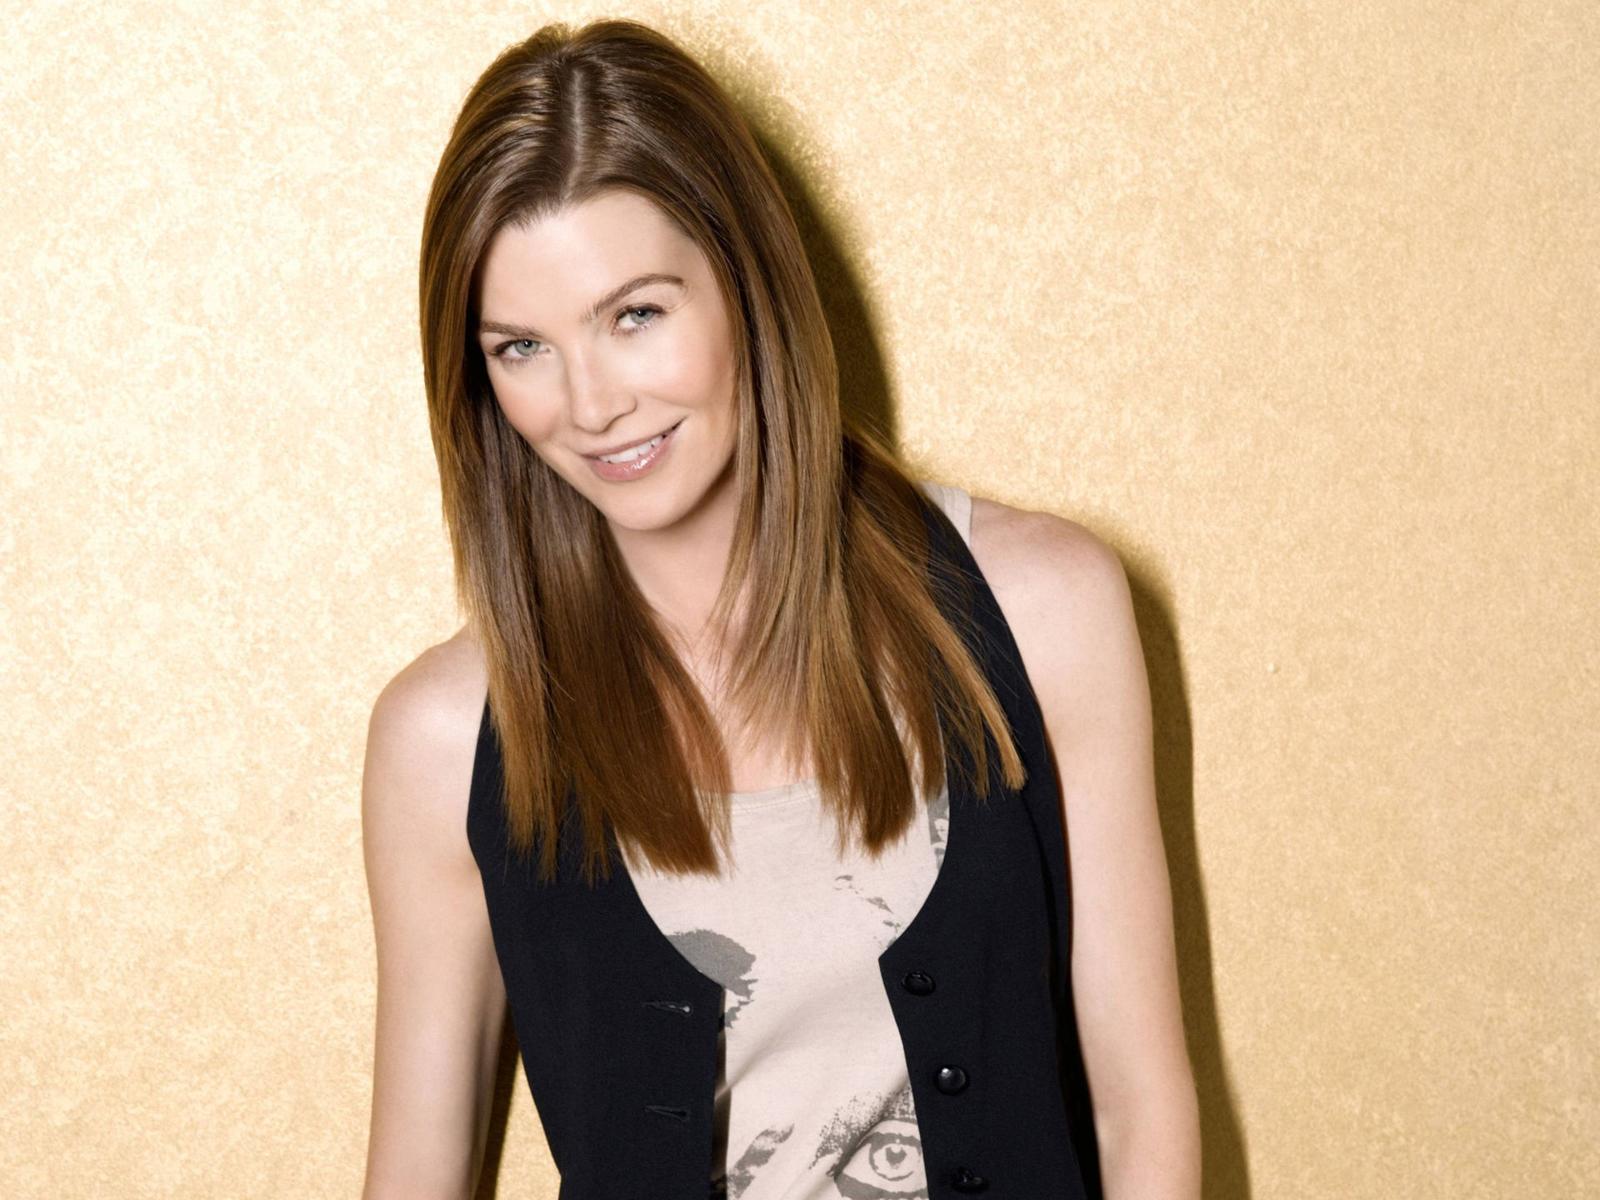 http://1.bp.blogspot.com/-r8t83On14tQ/Tc5bUcBCr1I/AAAAAAAAAX8/Q5CyLpMoOXw/s1600/Ellen+Pompeo6.jpg